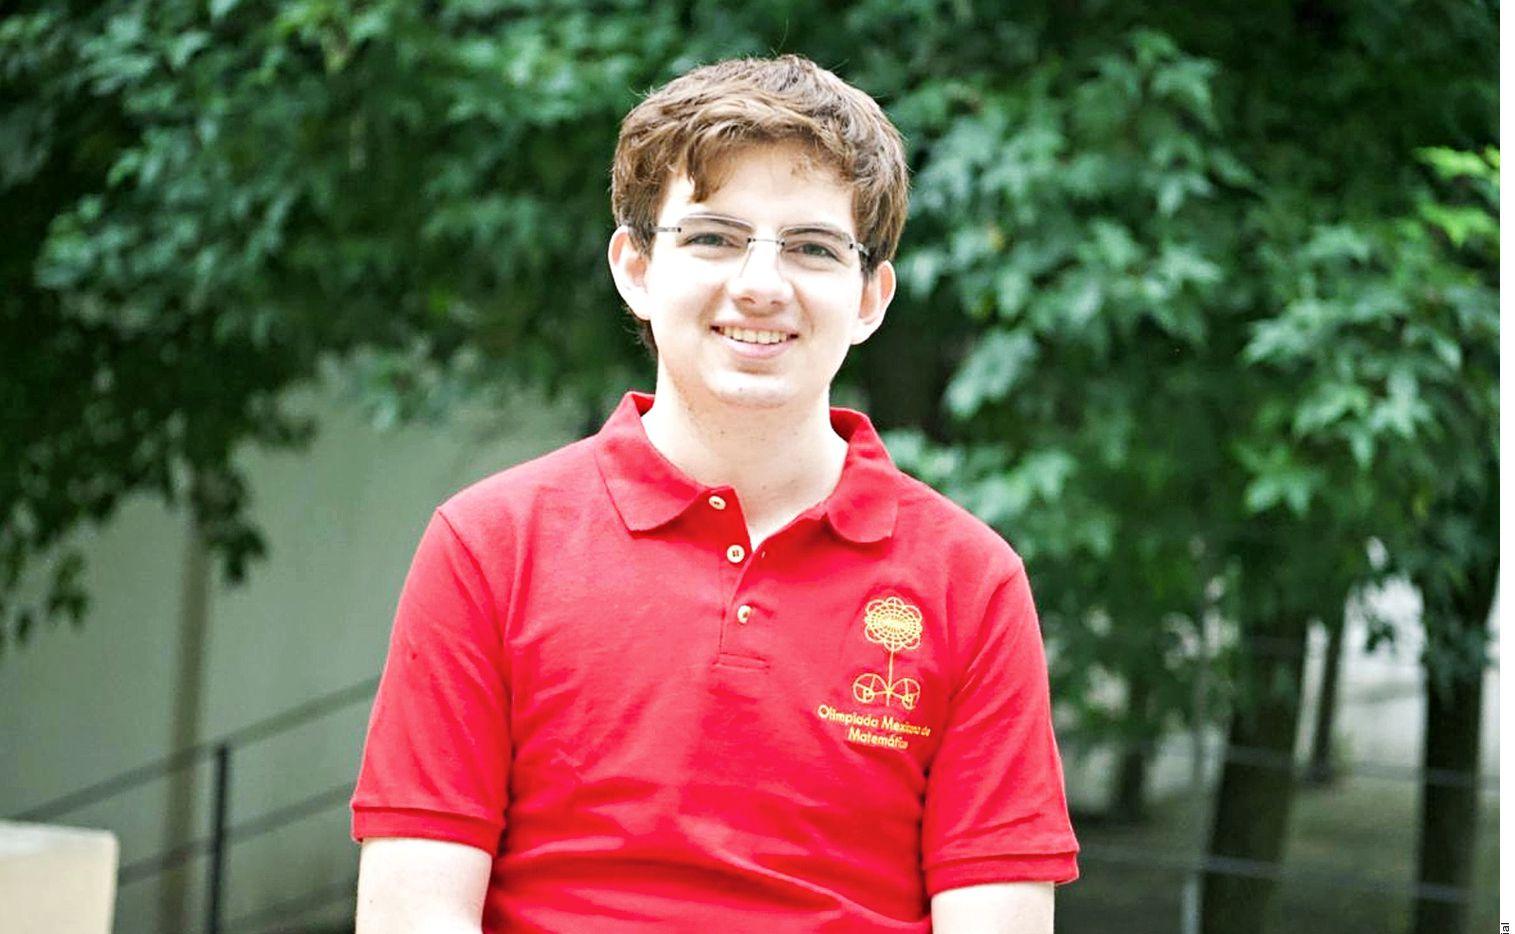 El preparatoriano Tomás Cantú Rodríguez, de CDMX, gana medalla áurea en la Olimpiada Internacional de Matemáticas en San Petersburgo.